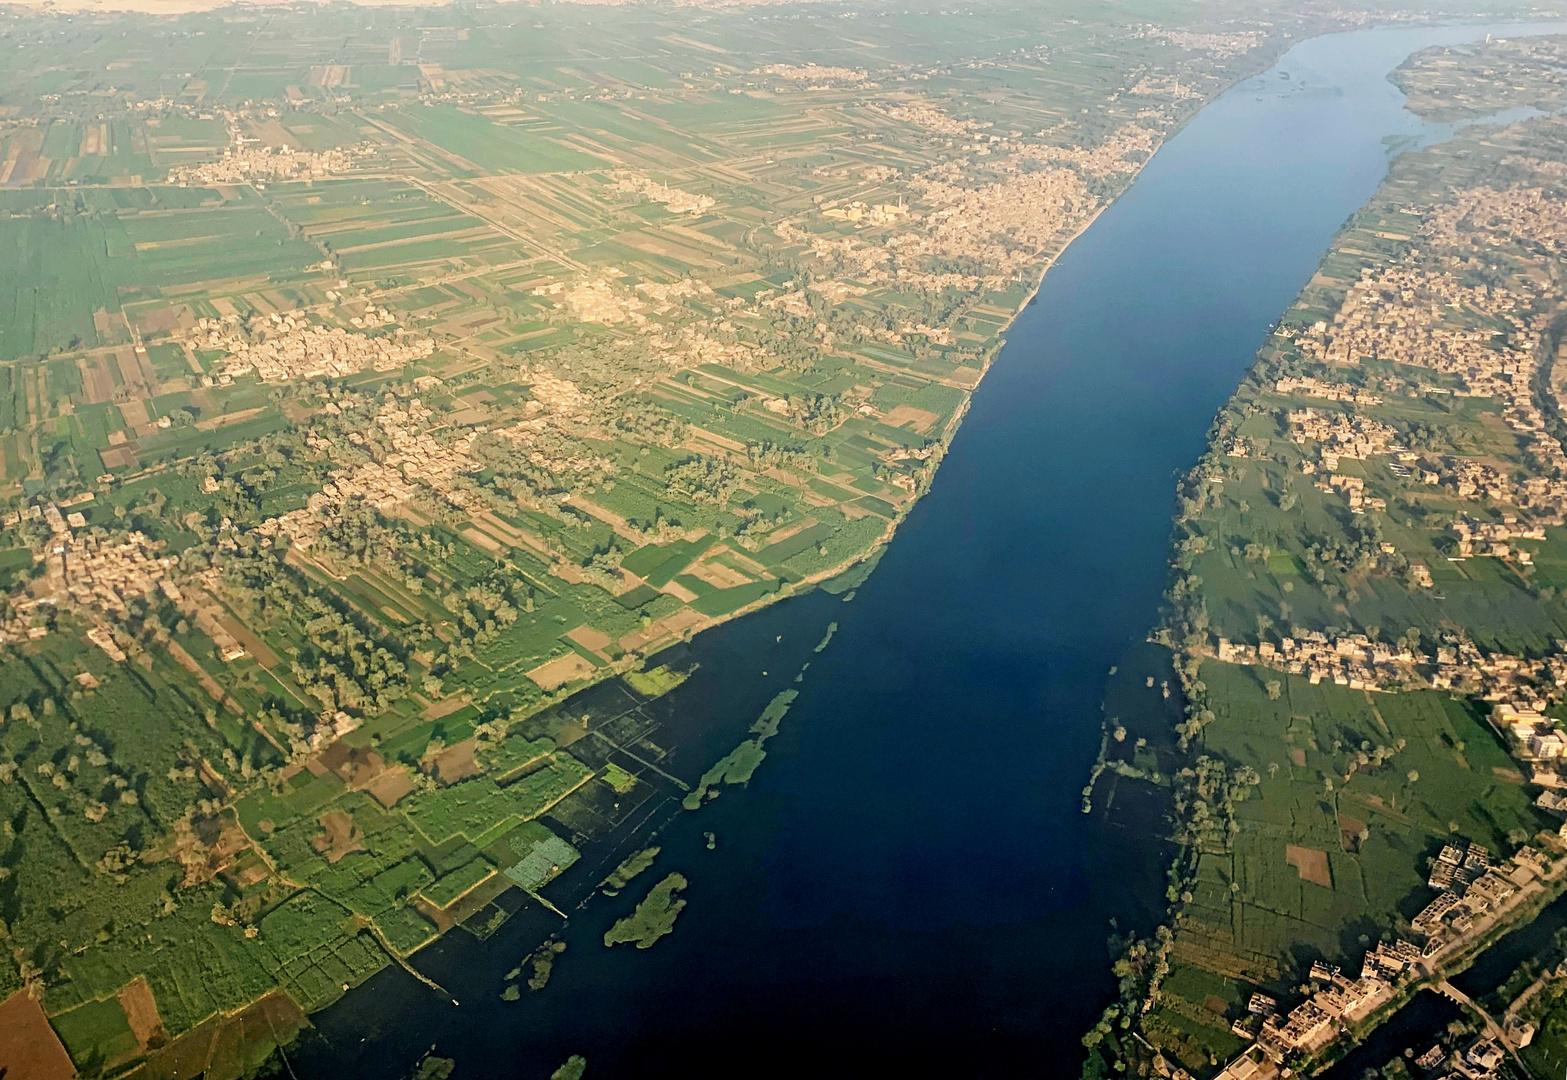 وزير الزراعة المصري: مصر حققت نهضة زراعية غير مسبوقة في عهد السيسي